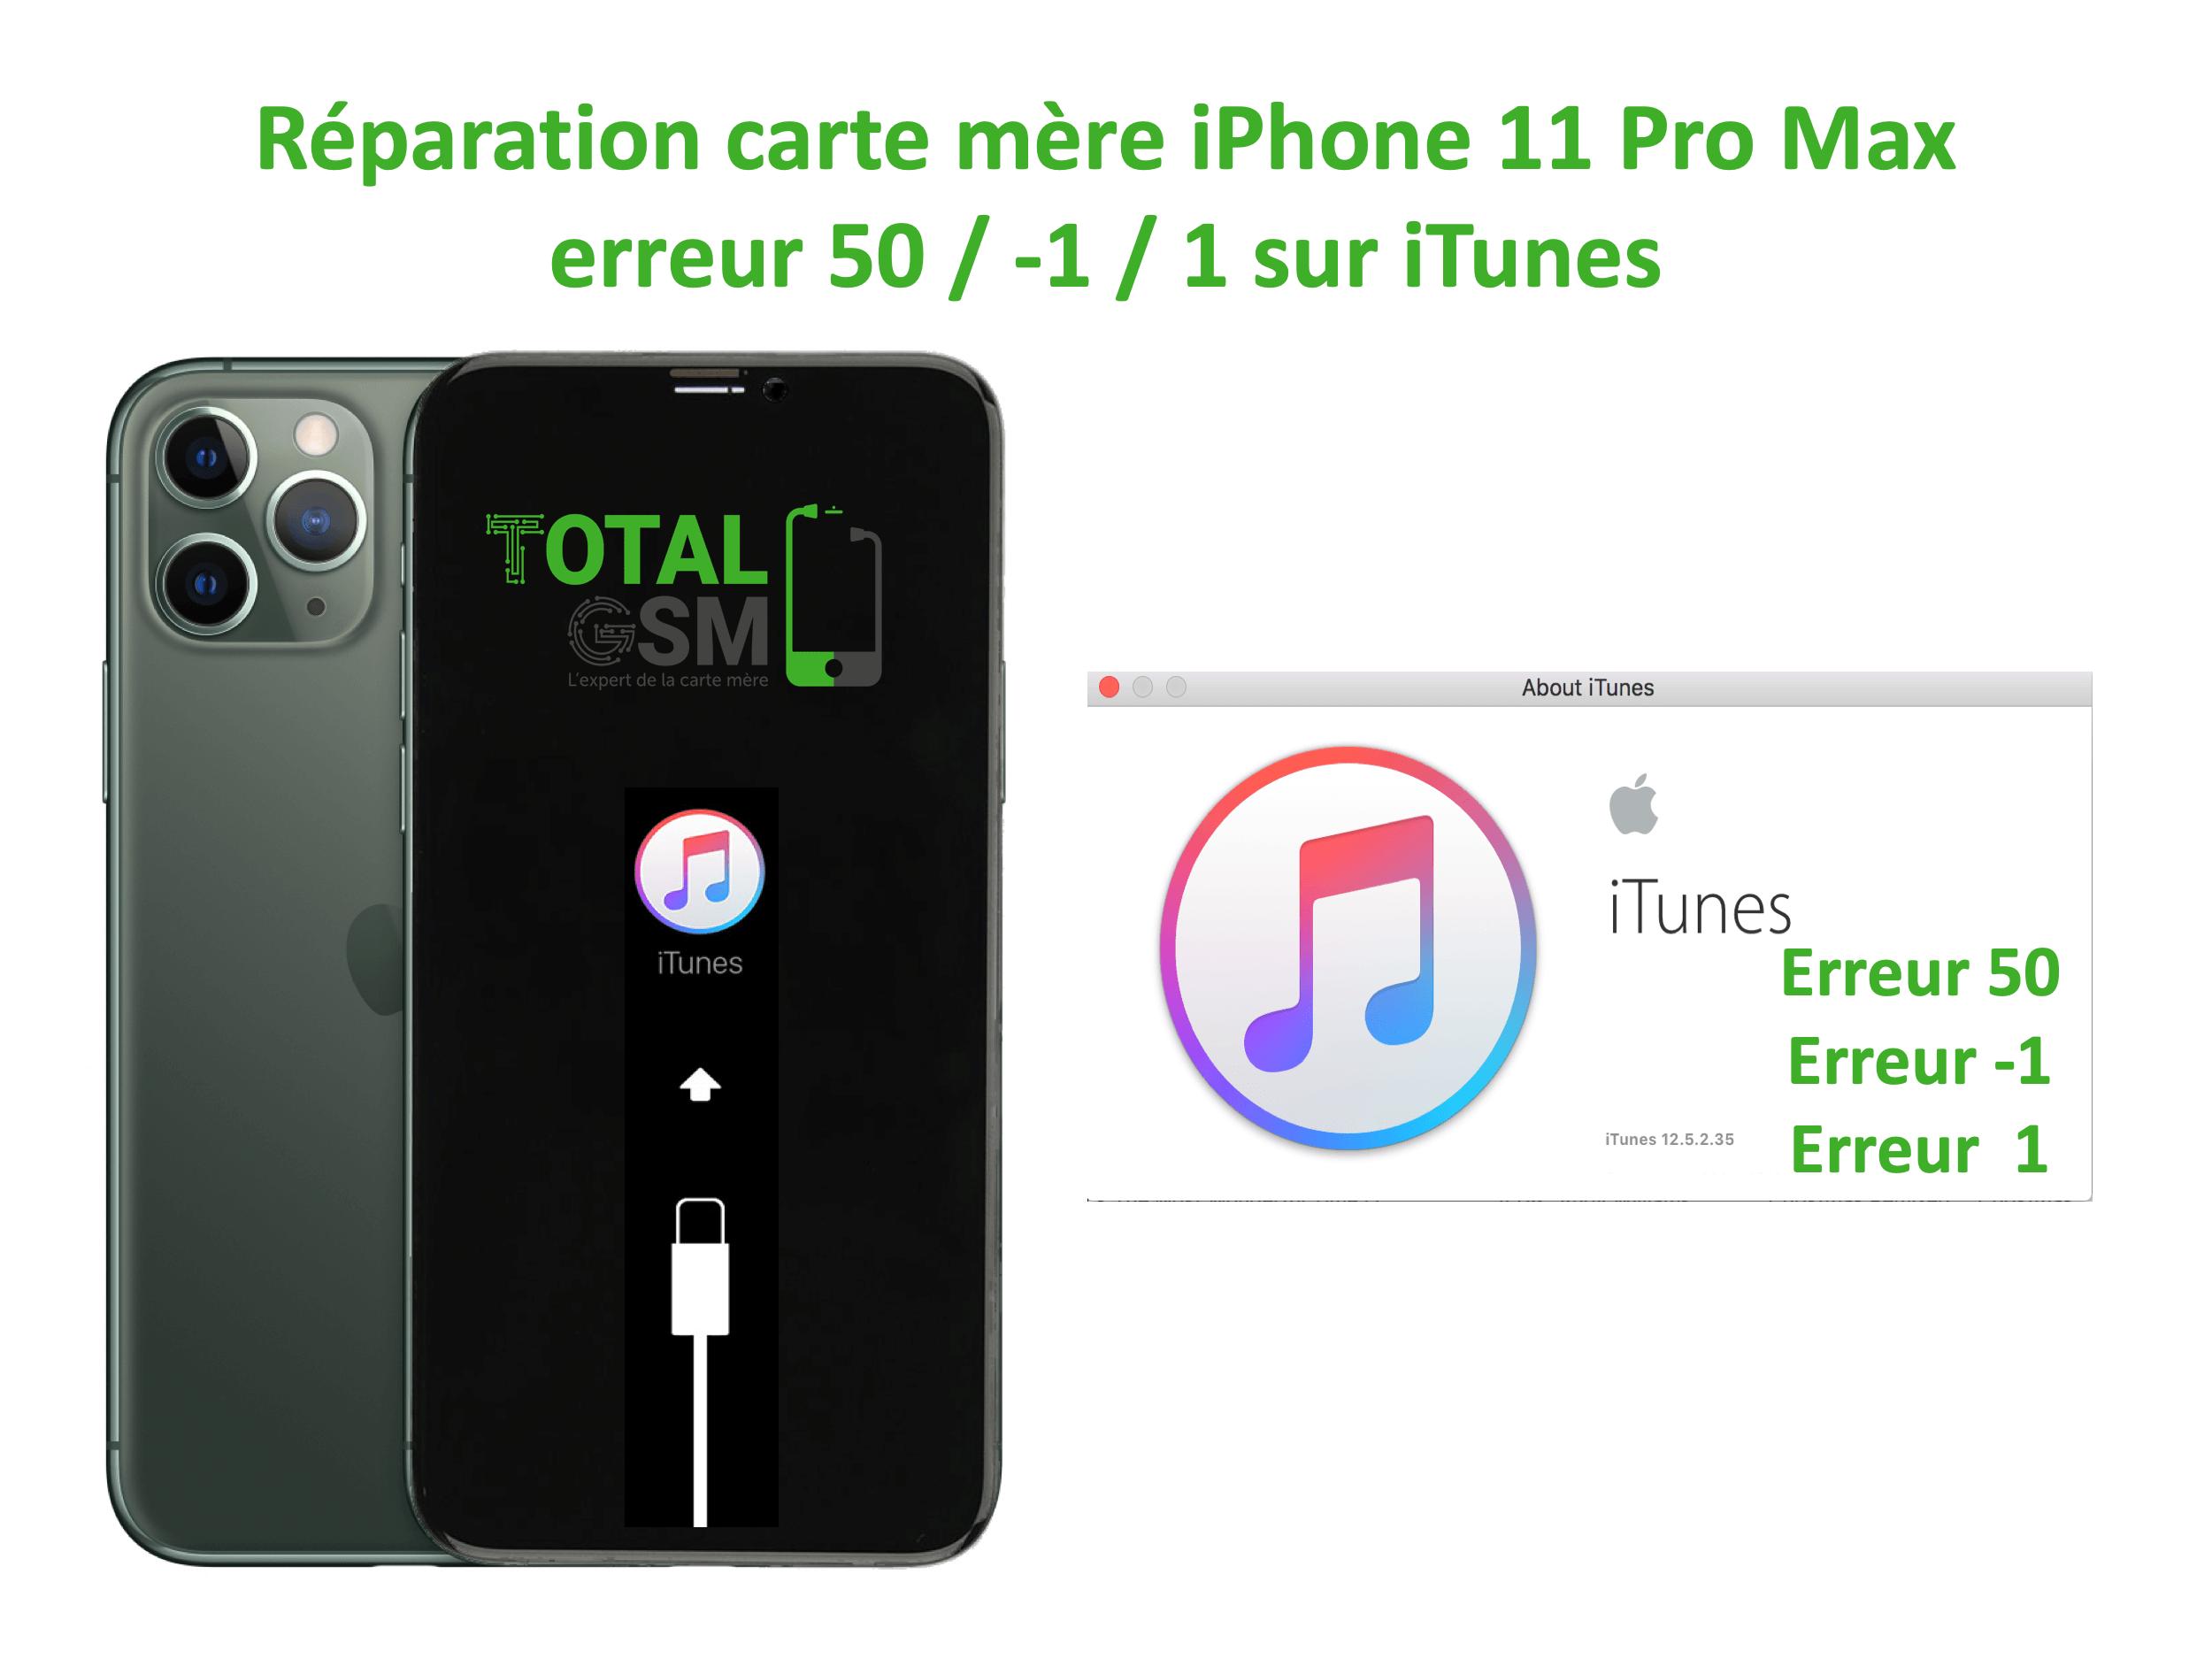 iPhone-11-pro-max-reparation-probleme-erreur-4014-sur-itunesiPhone-11-pro-max-reparation-probleme-erreur-4014-sur-itunes